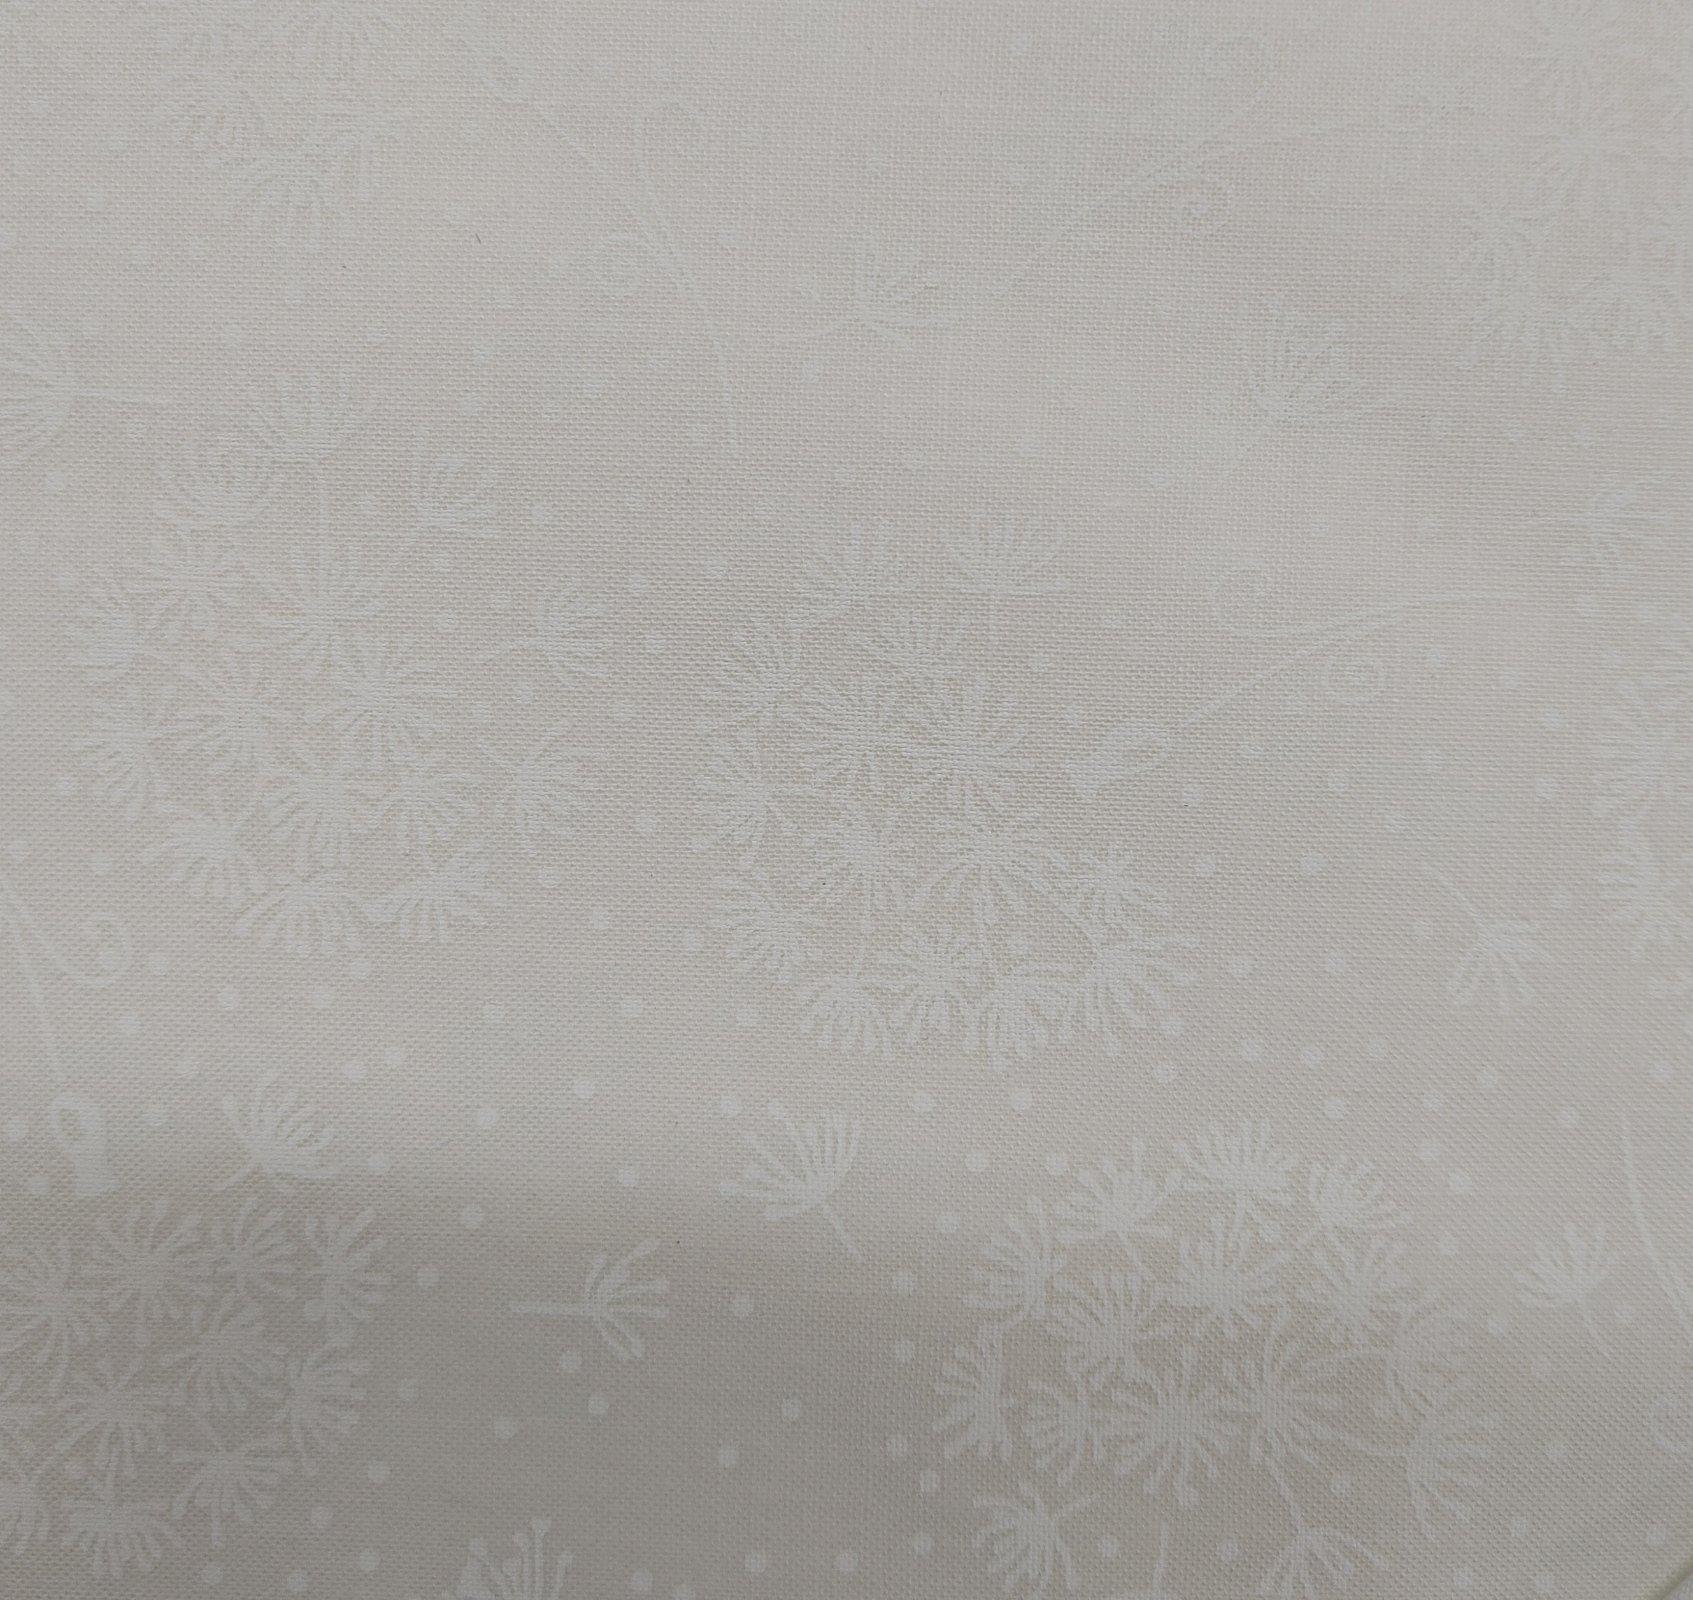 Dandylion Fluff White on White 100% Cotton 42-44Wide